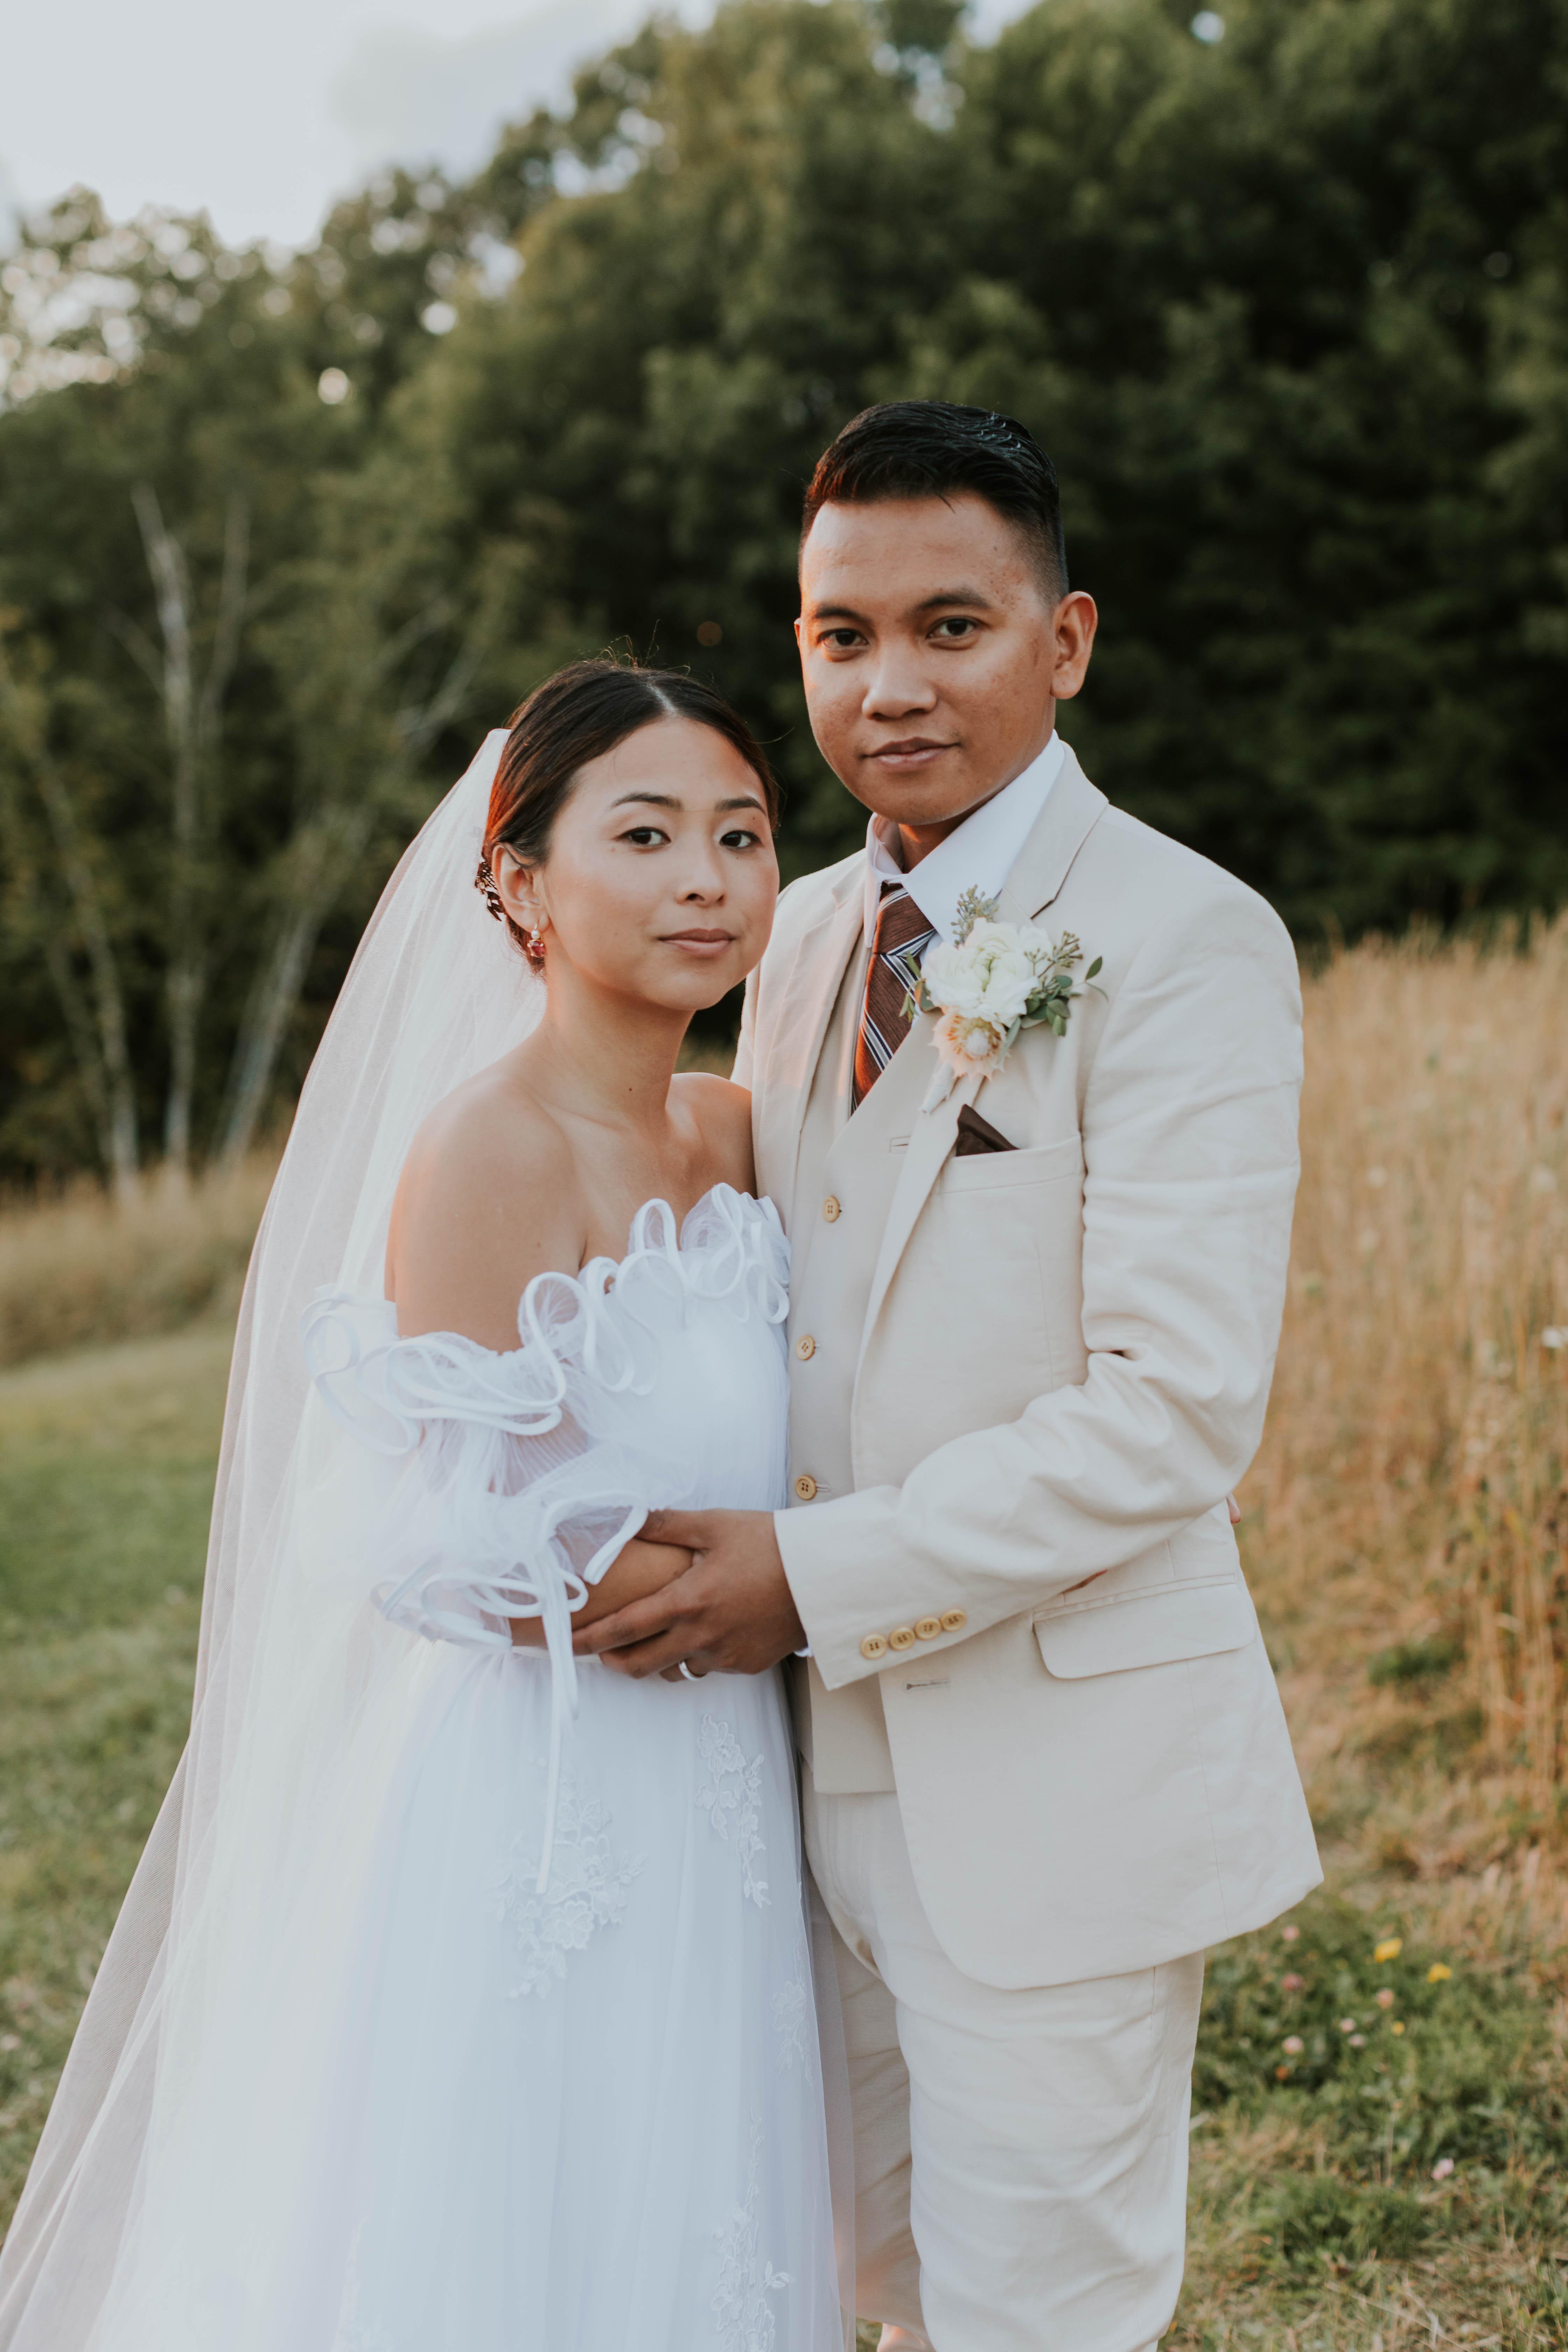 Wedding couple portraits